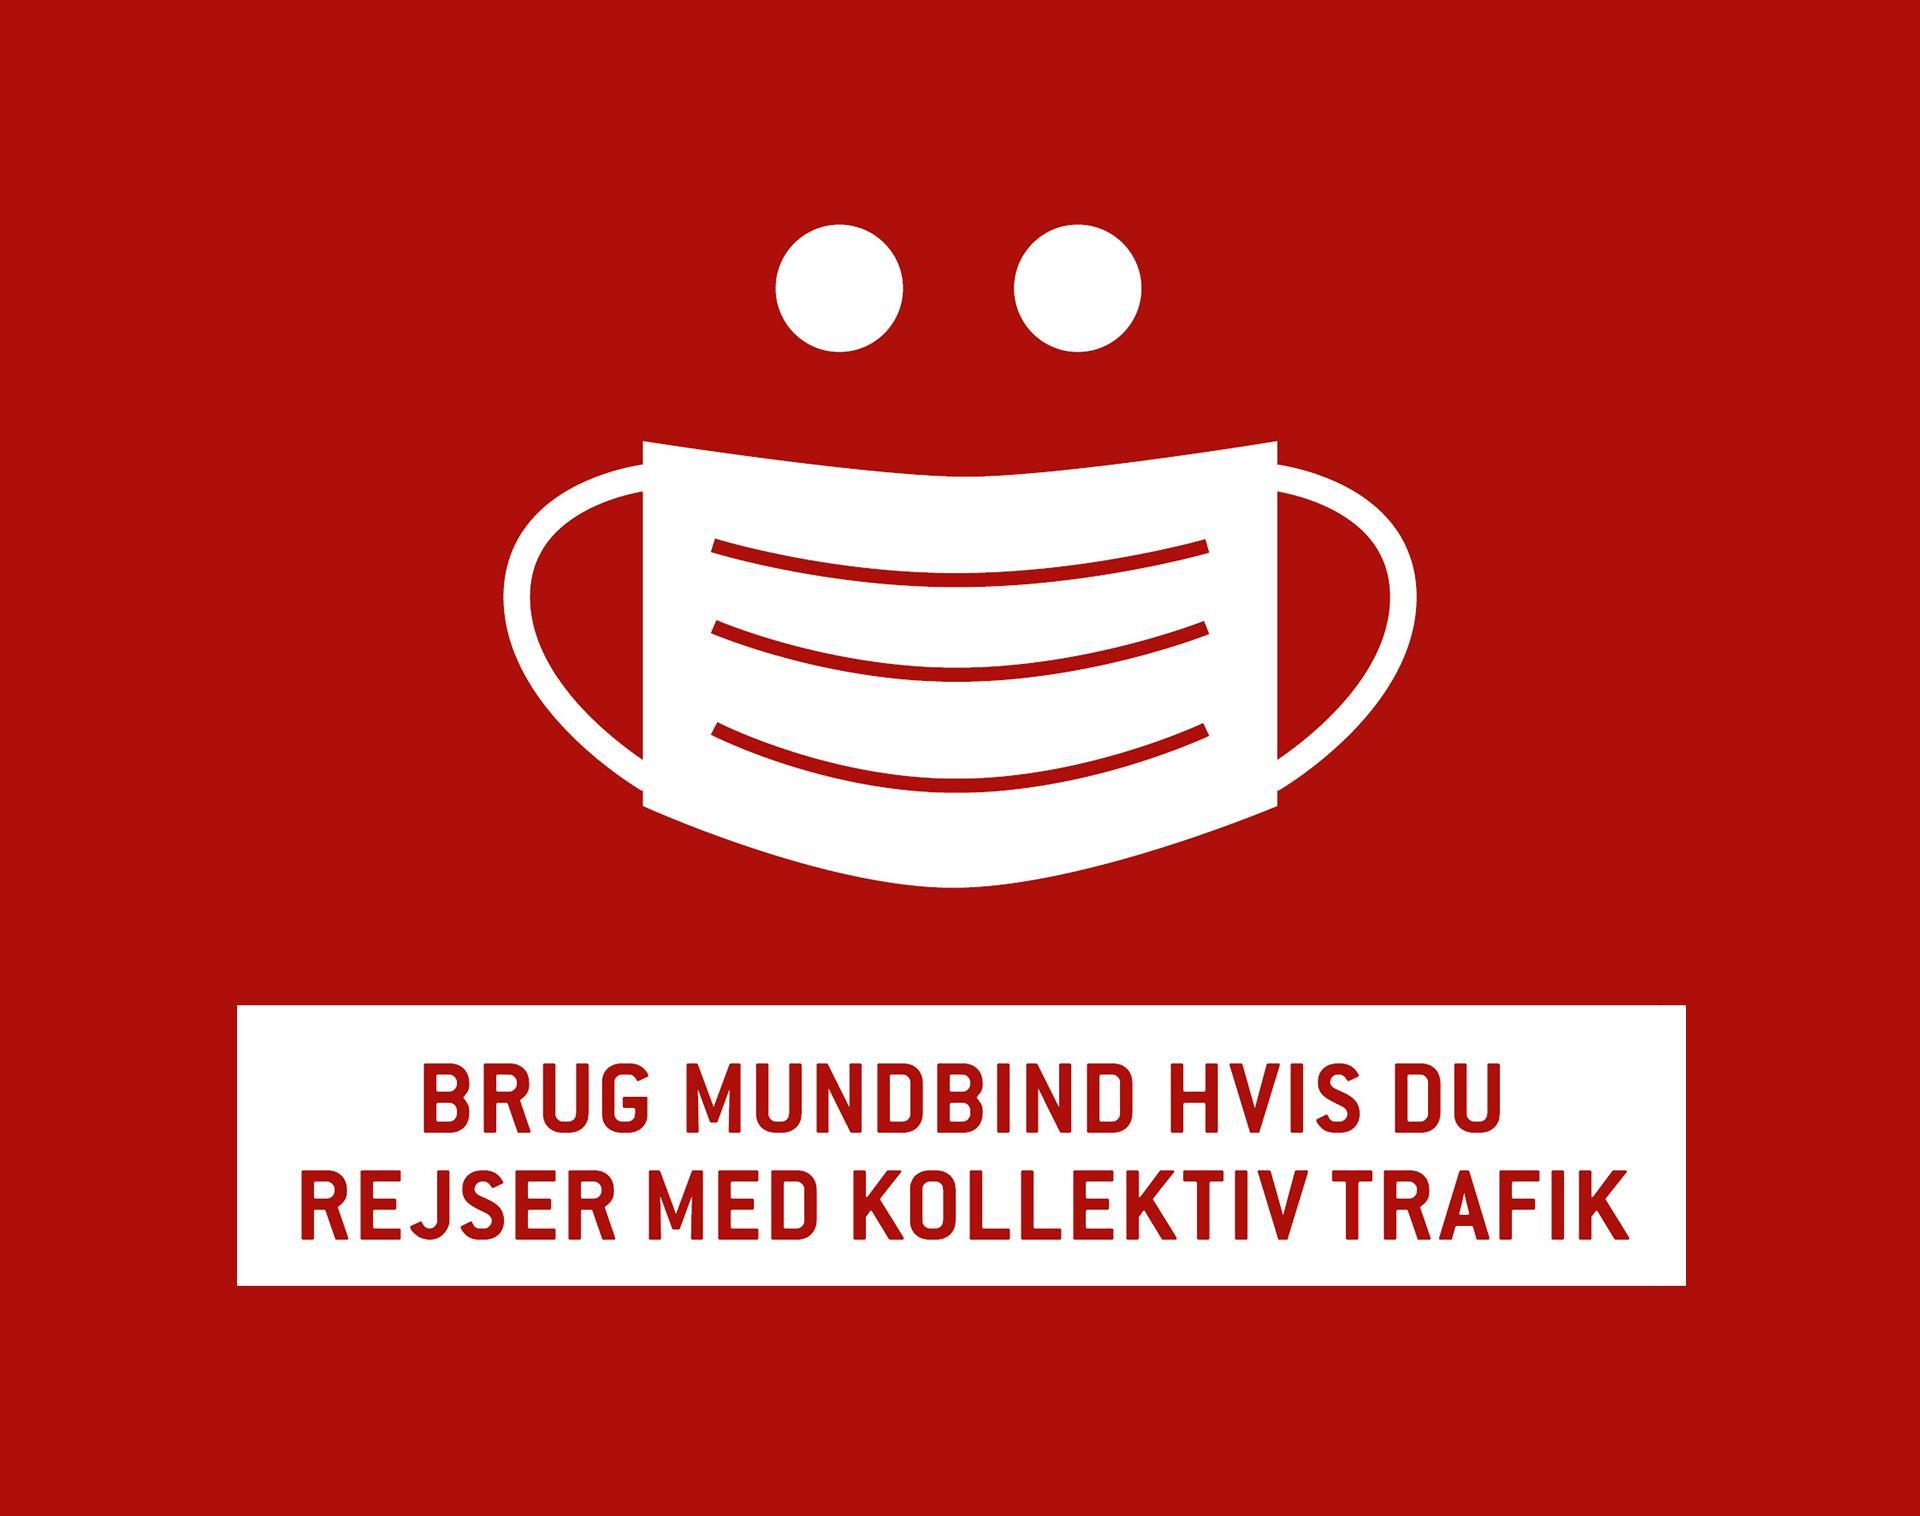 Krav om mundbind i Aarhus, Silkeborg, Skanderborg, Odder, Favrskov og  Horsens - Midttrafik   11-08-2020